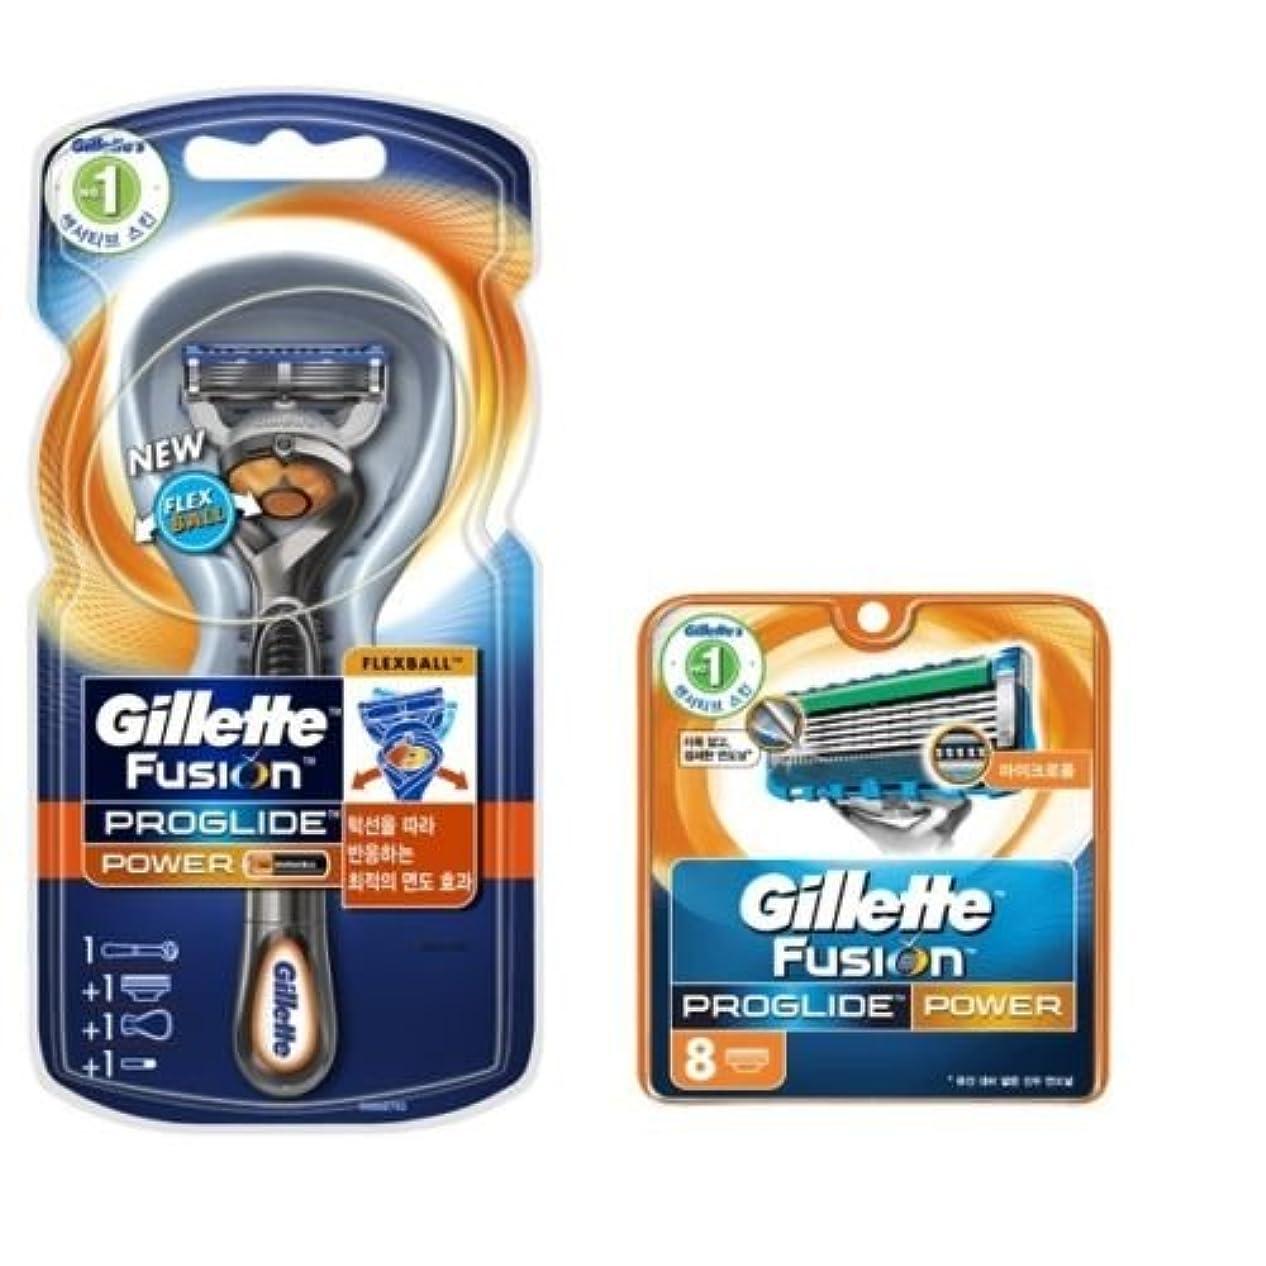 口頭農業の異常Gillette Fusion Proglide Flexball Power Men's 1 剃刀 9 かみそりの刃 [並行輸入品]